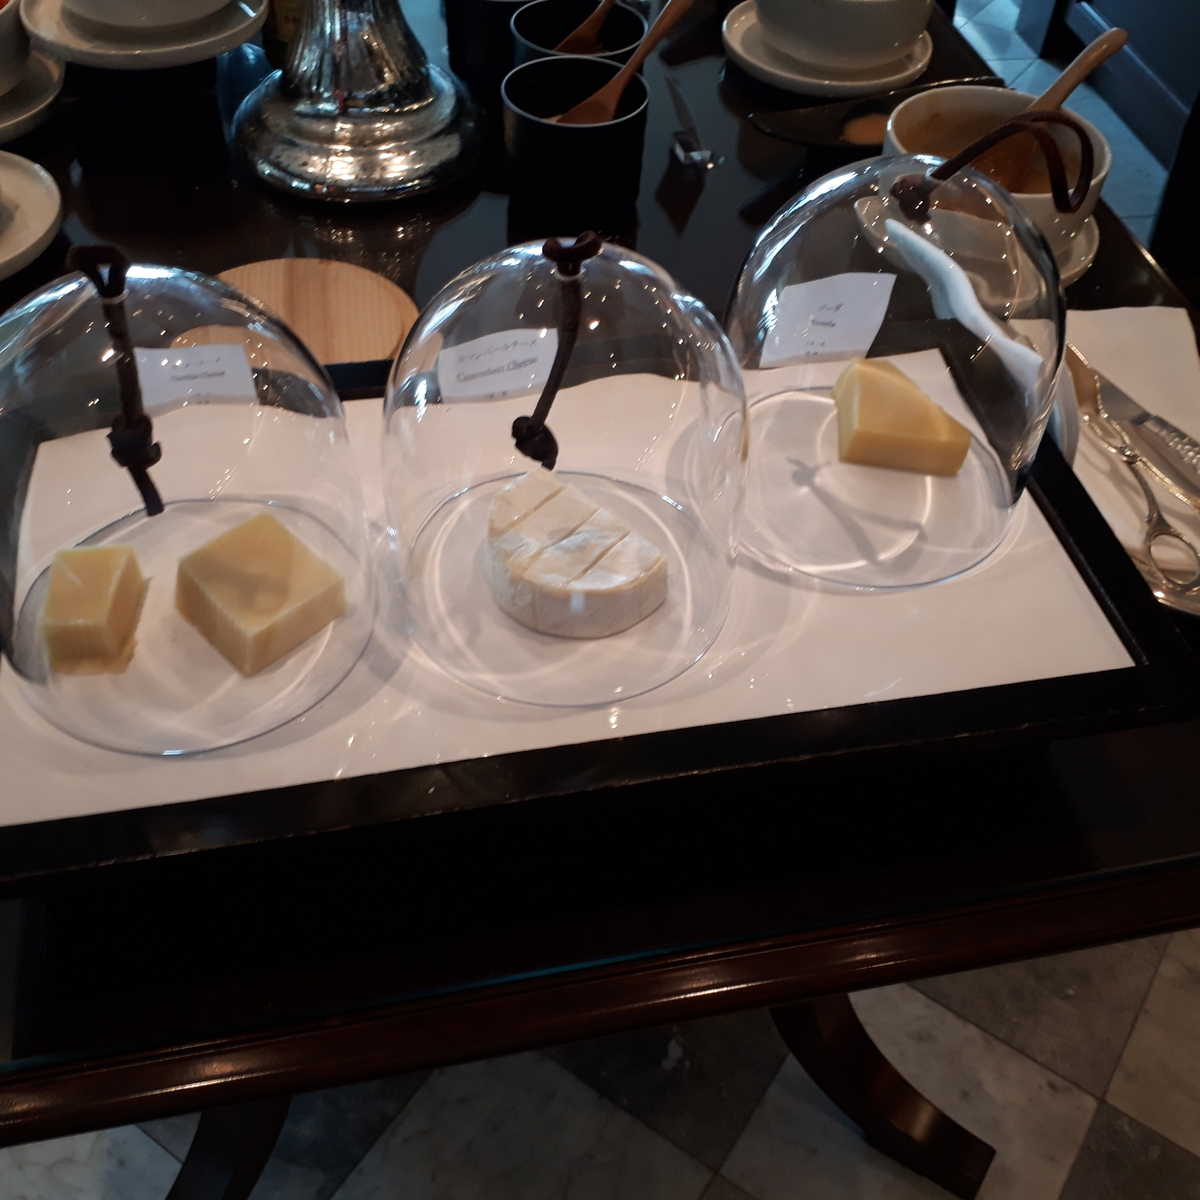 リッツカールトン大阪 クラブラウンジ 朝食 チーズ